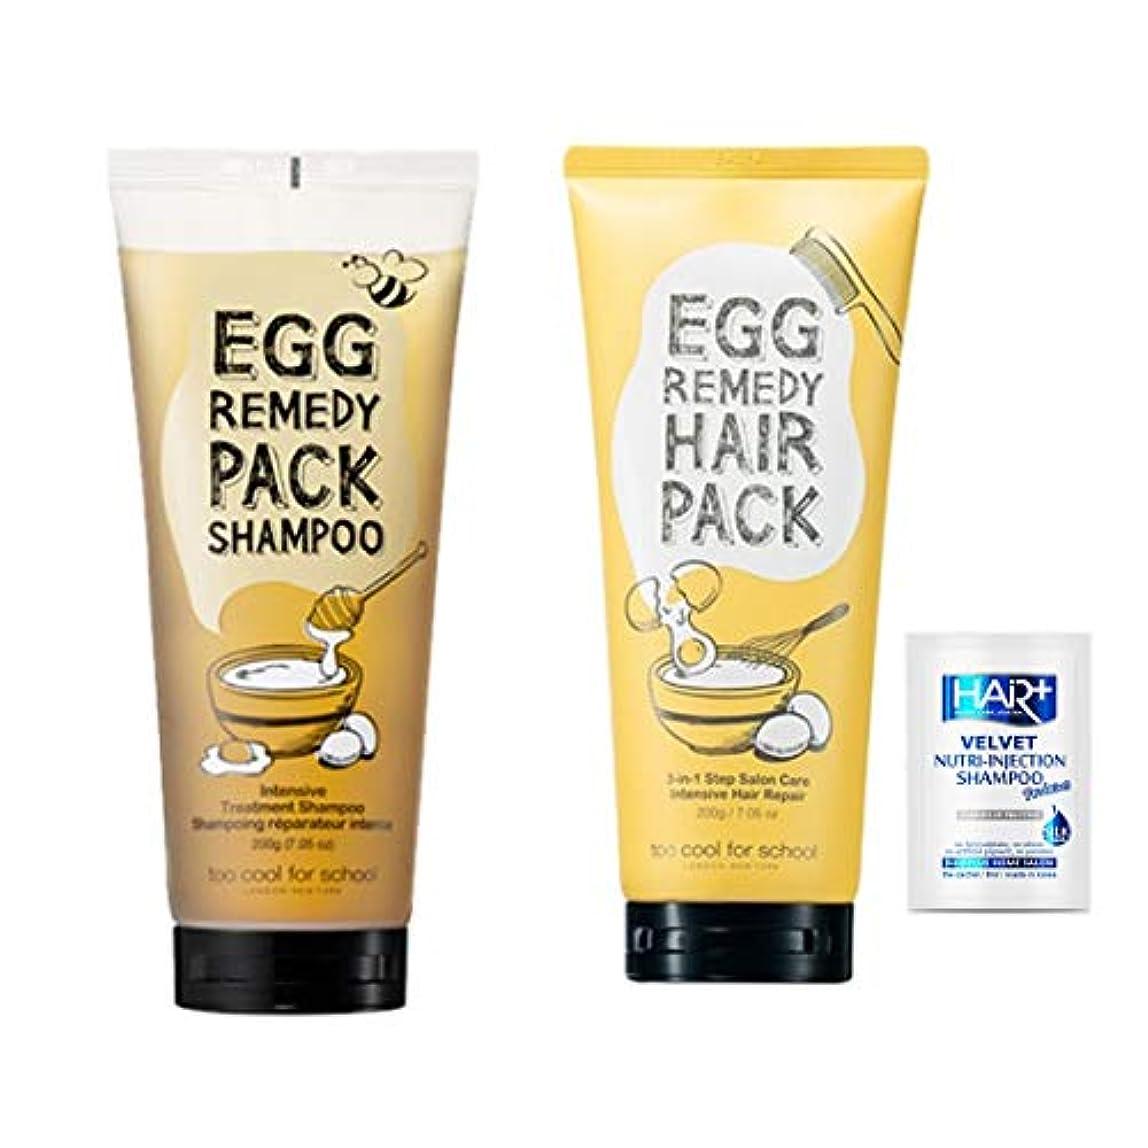 トゥークールフォ―スクール(too cool for school)/エッグレミディパックシャンプーtoo cool for school Egg Remedy Pack Shampoo 200ml + エッグレミディヘアパック...